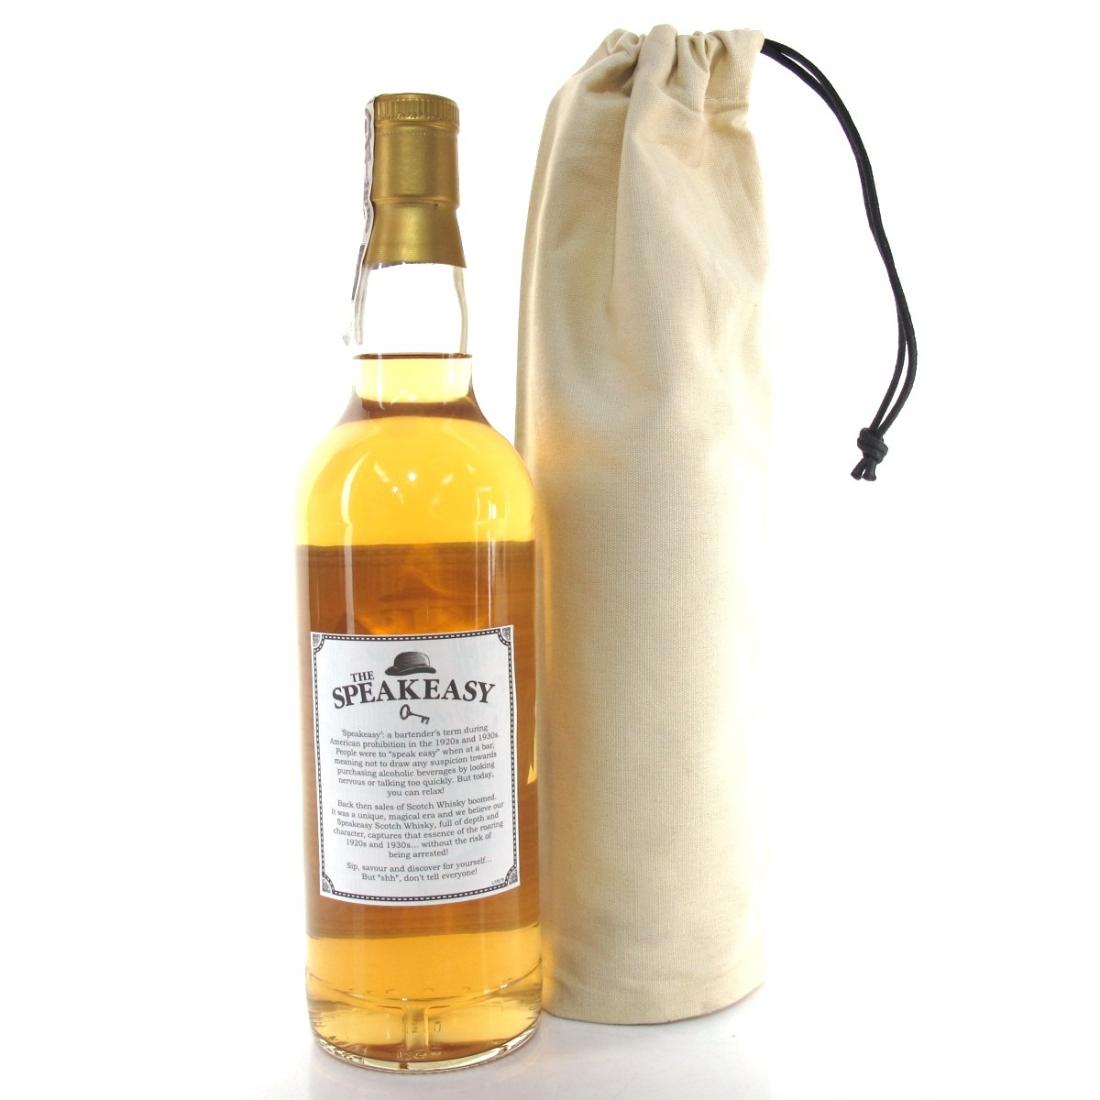 The Speakeasy Blended Malt / Warsaw Whisky Fest 2014